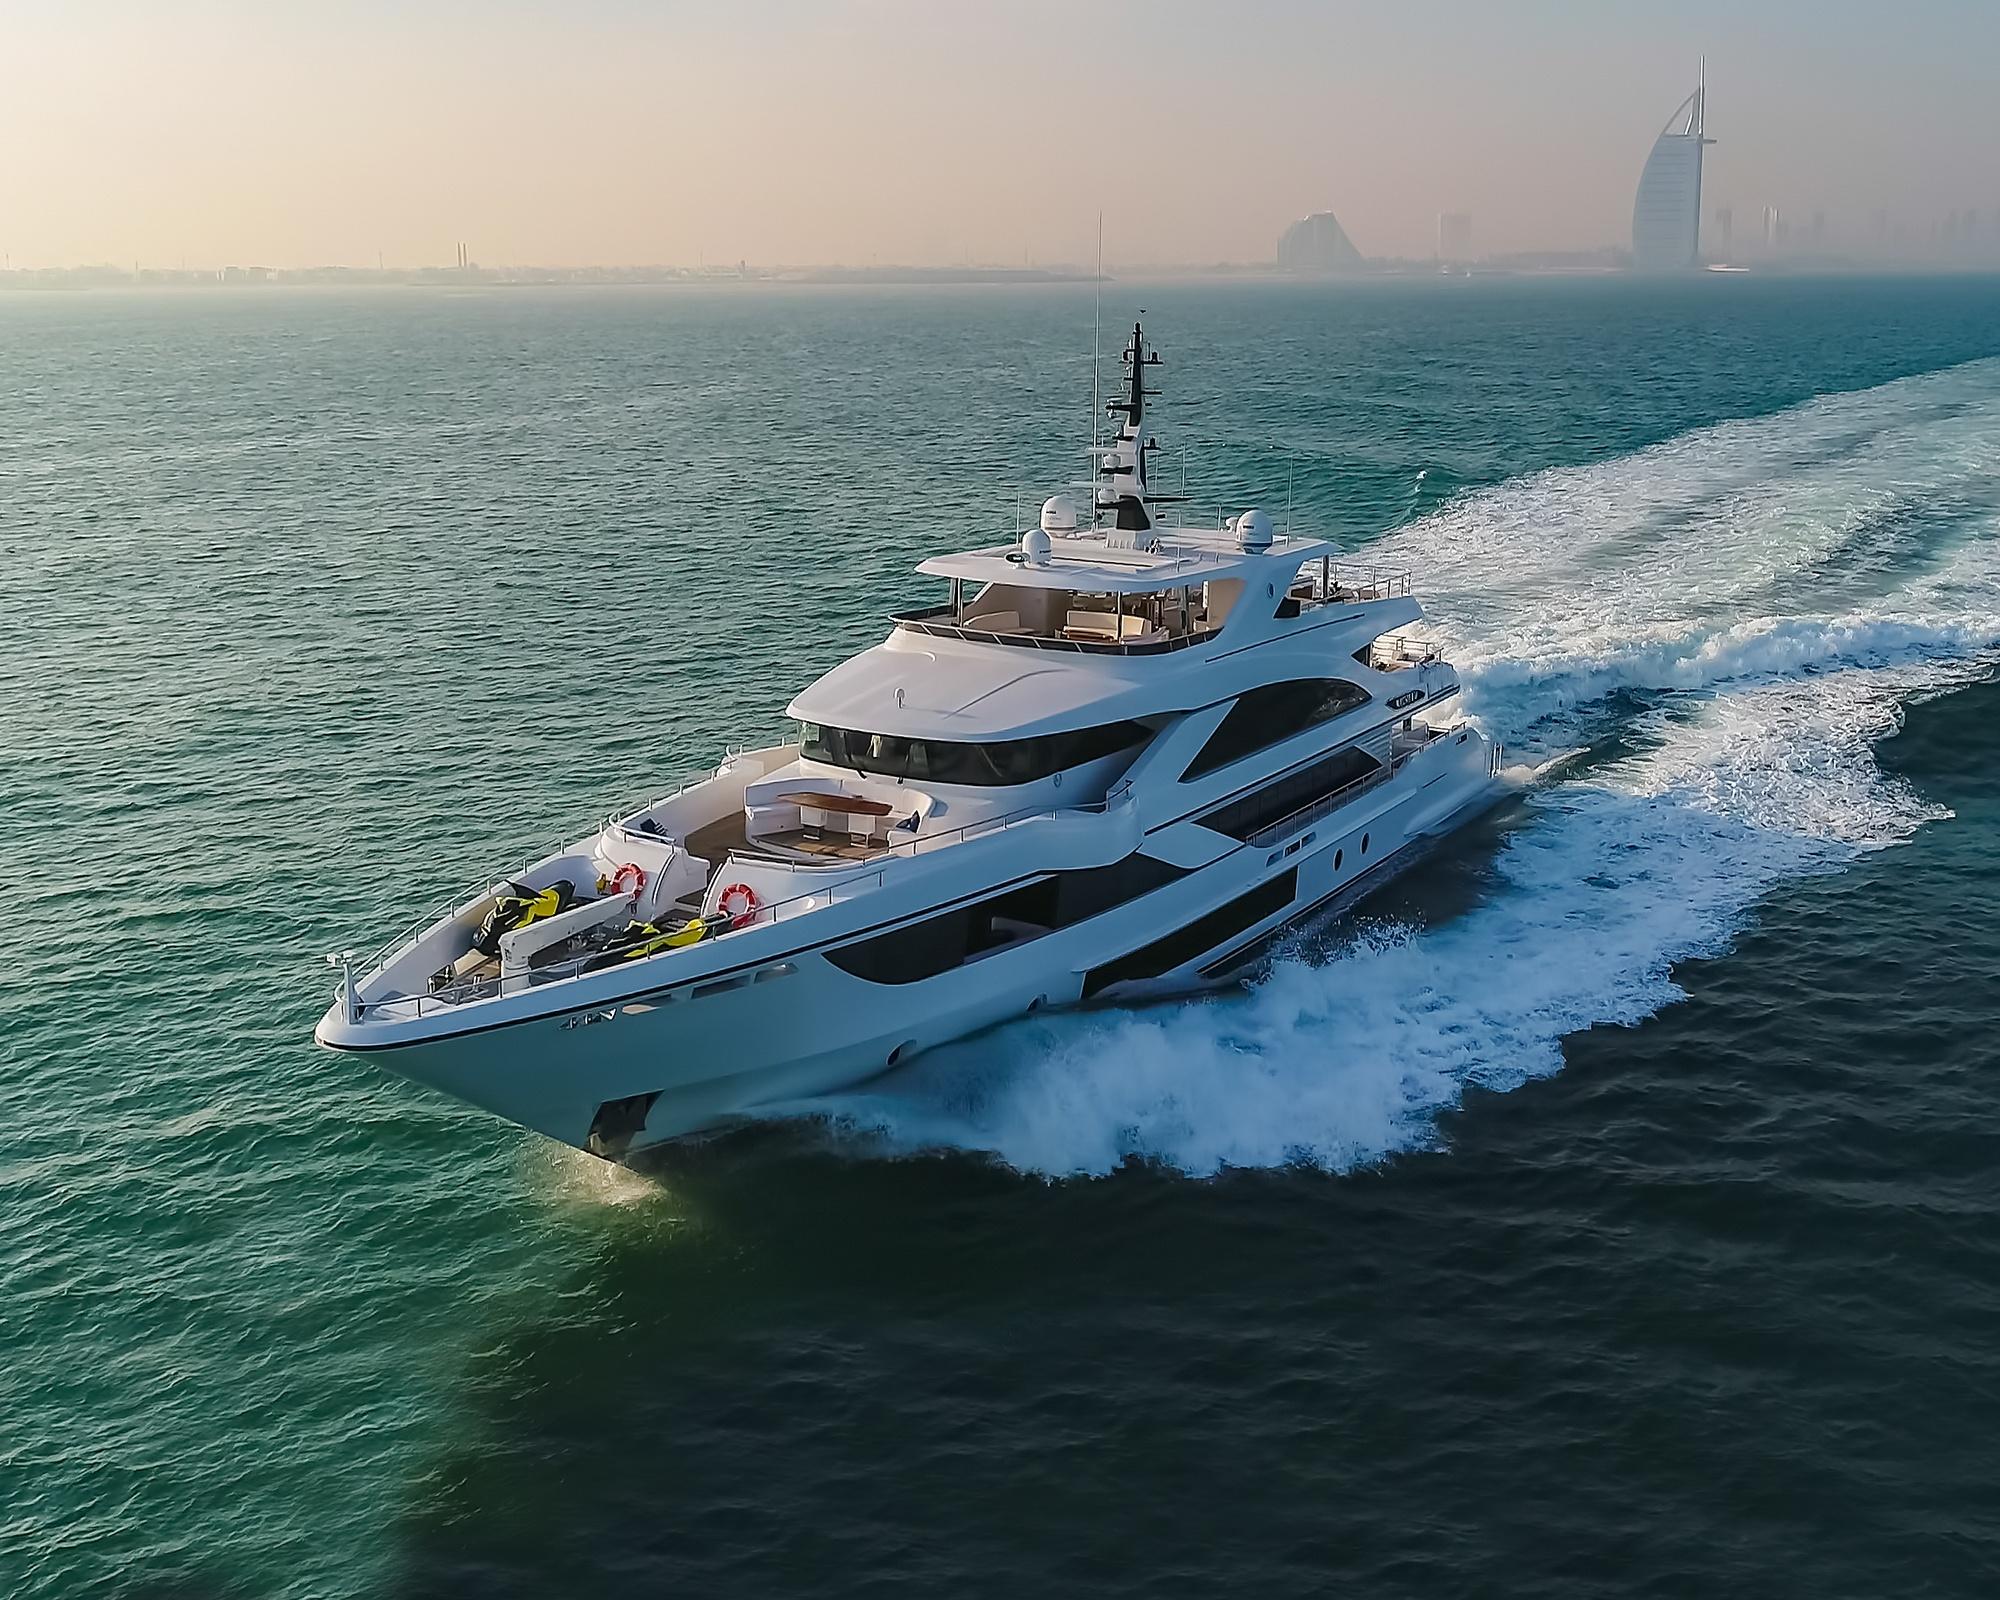 Majesty 140 Superyacht